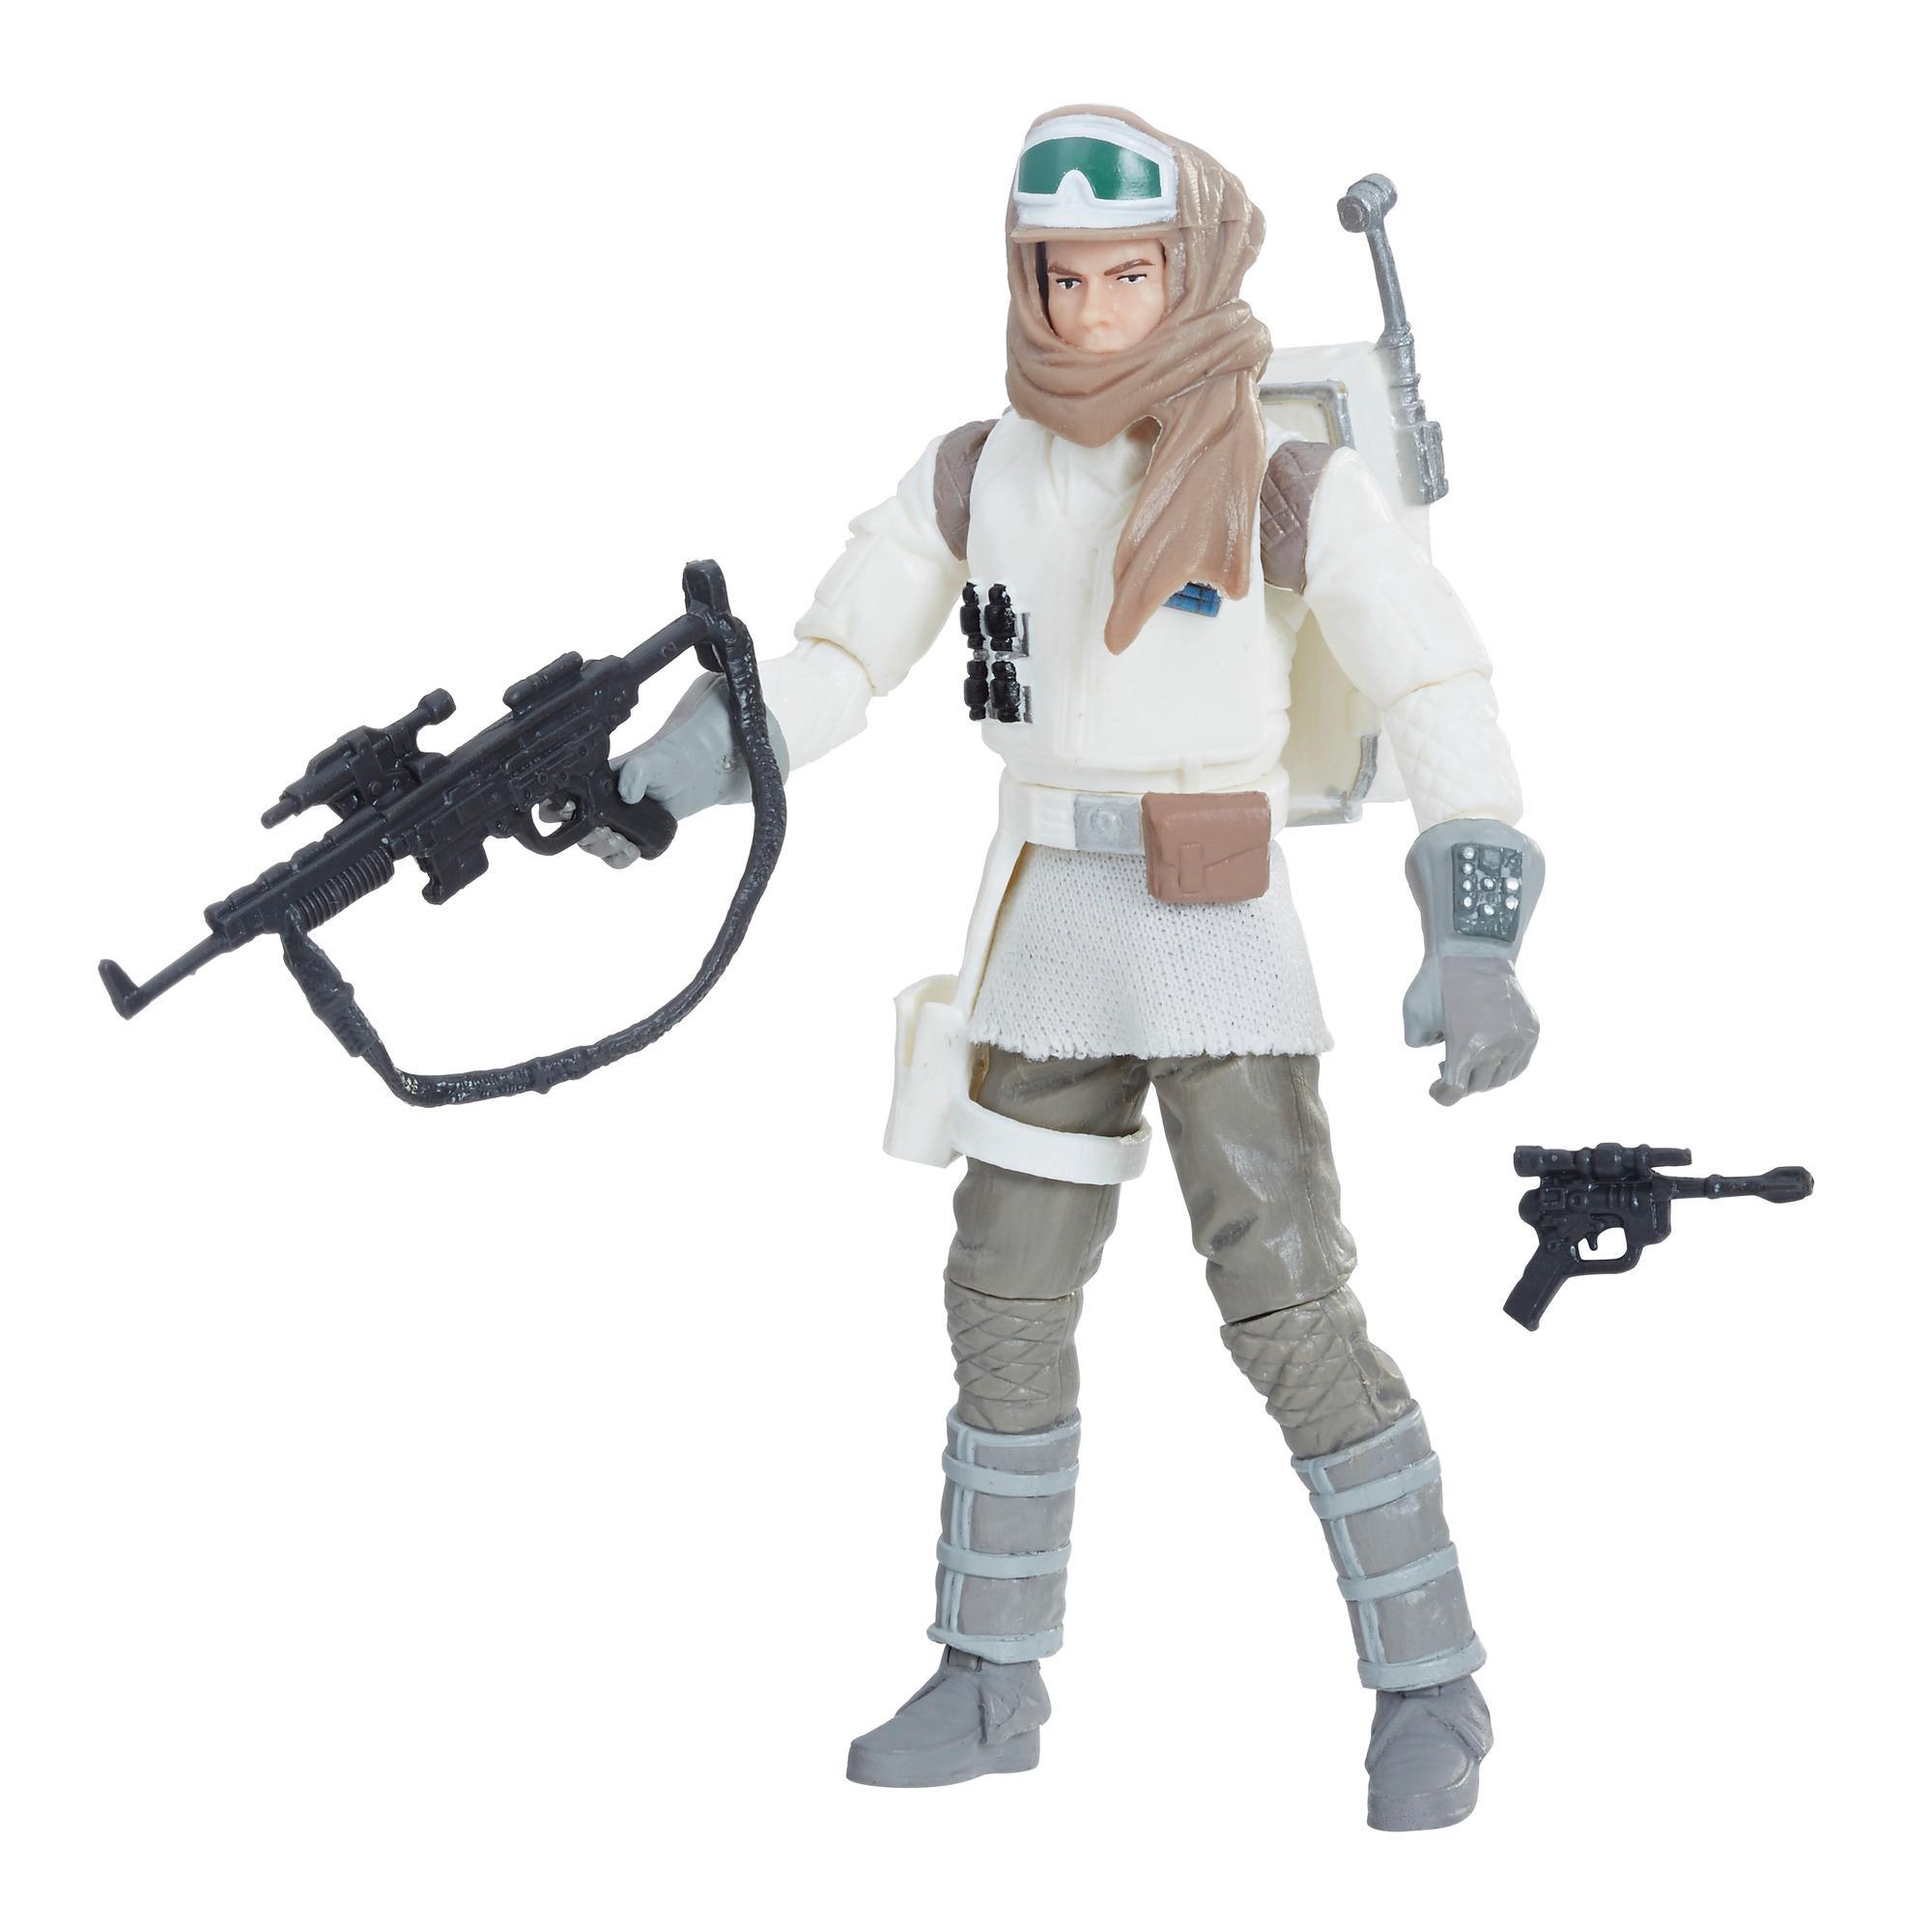 Star Wars La colección Vintage - Figura de Rebel Trooper (Hoth) de 9,5 cm